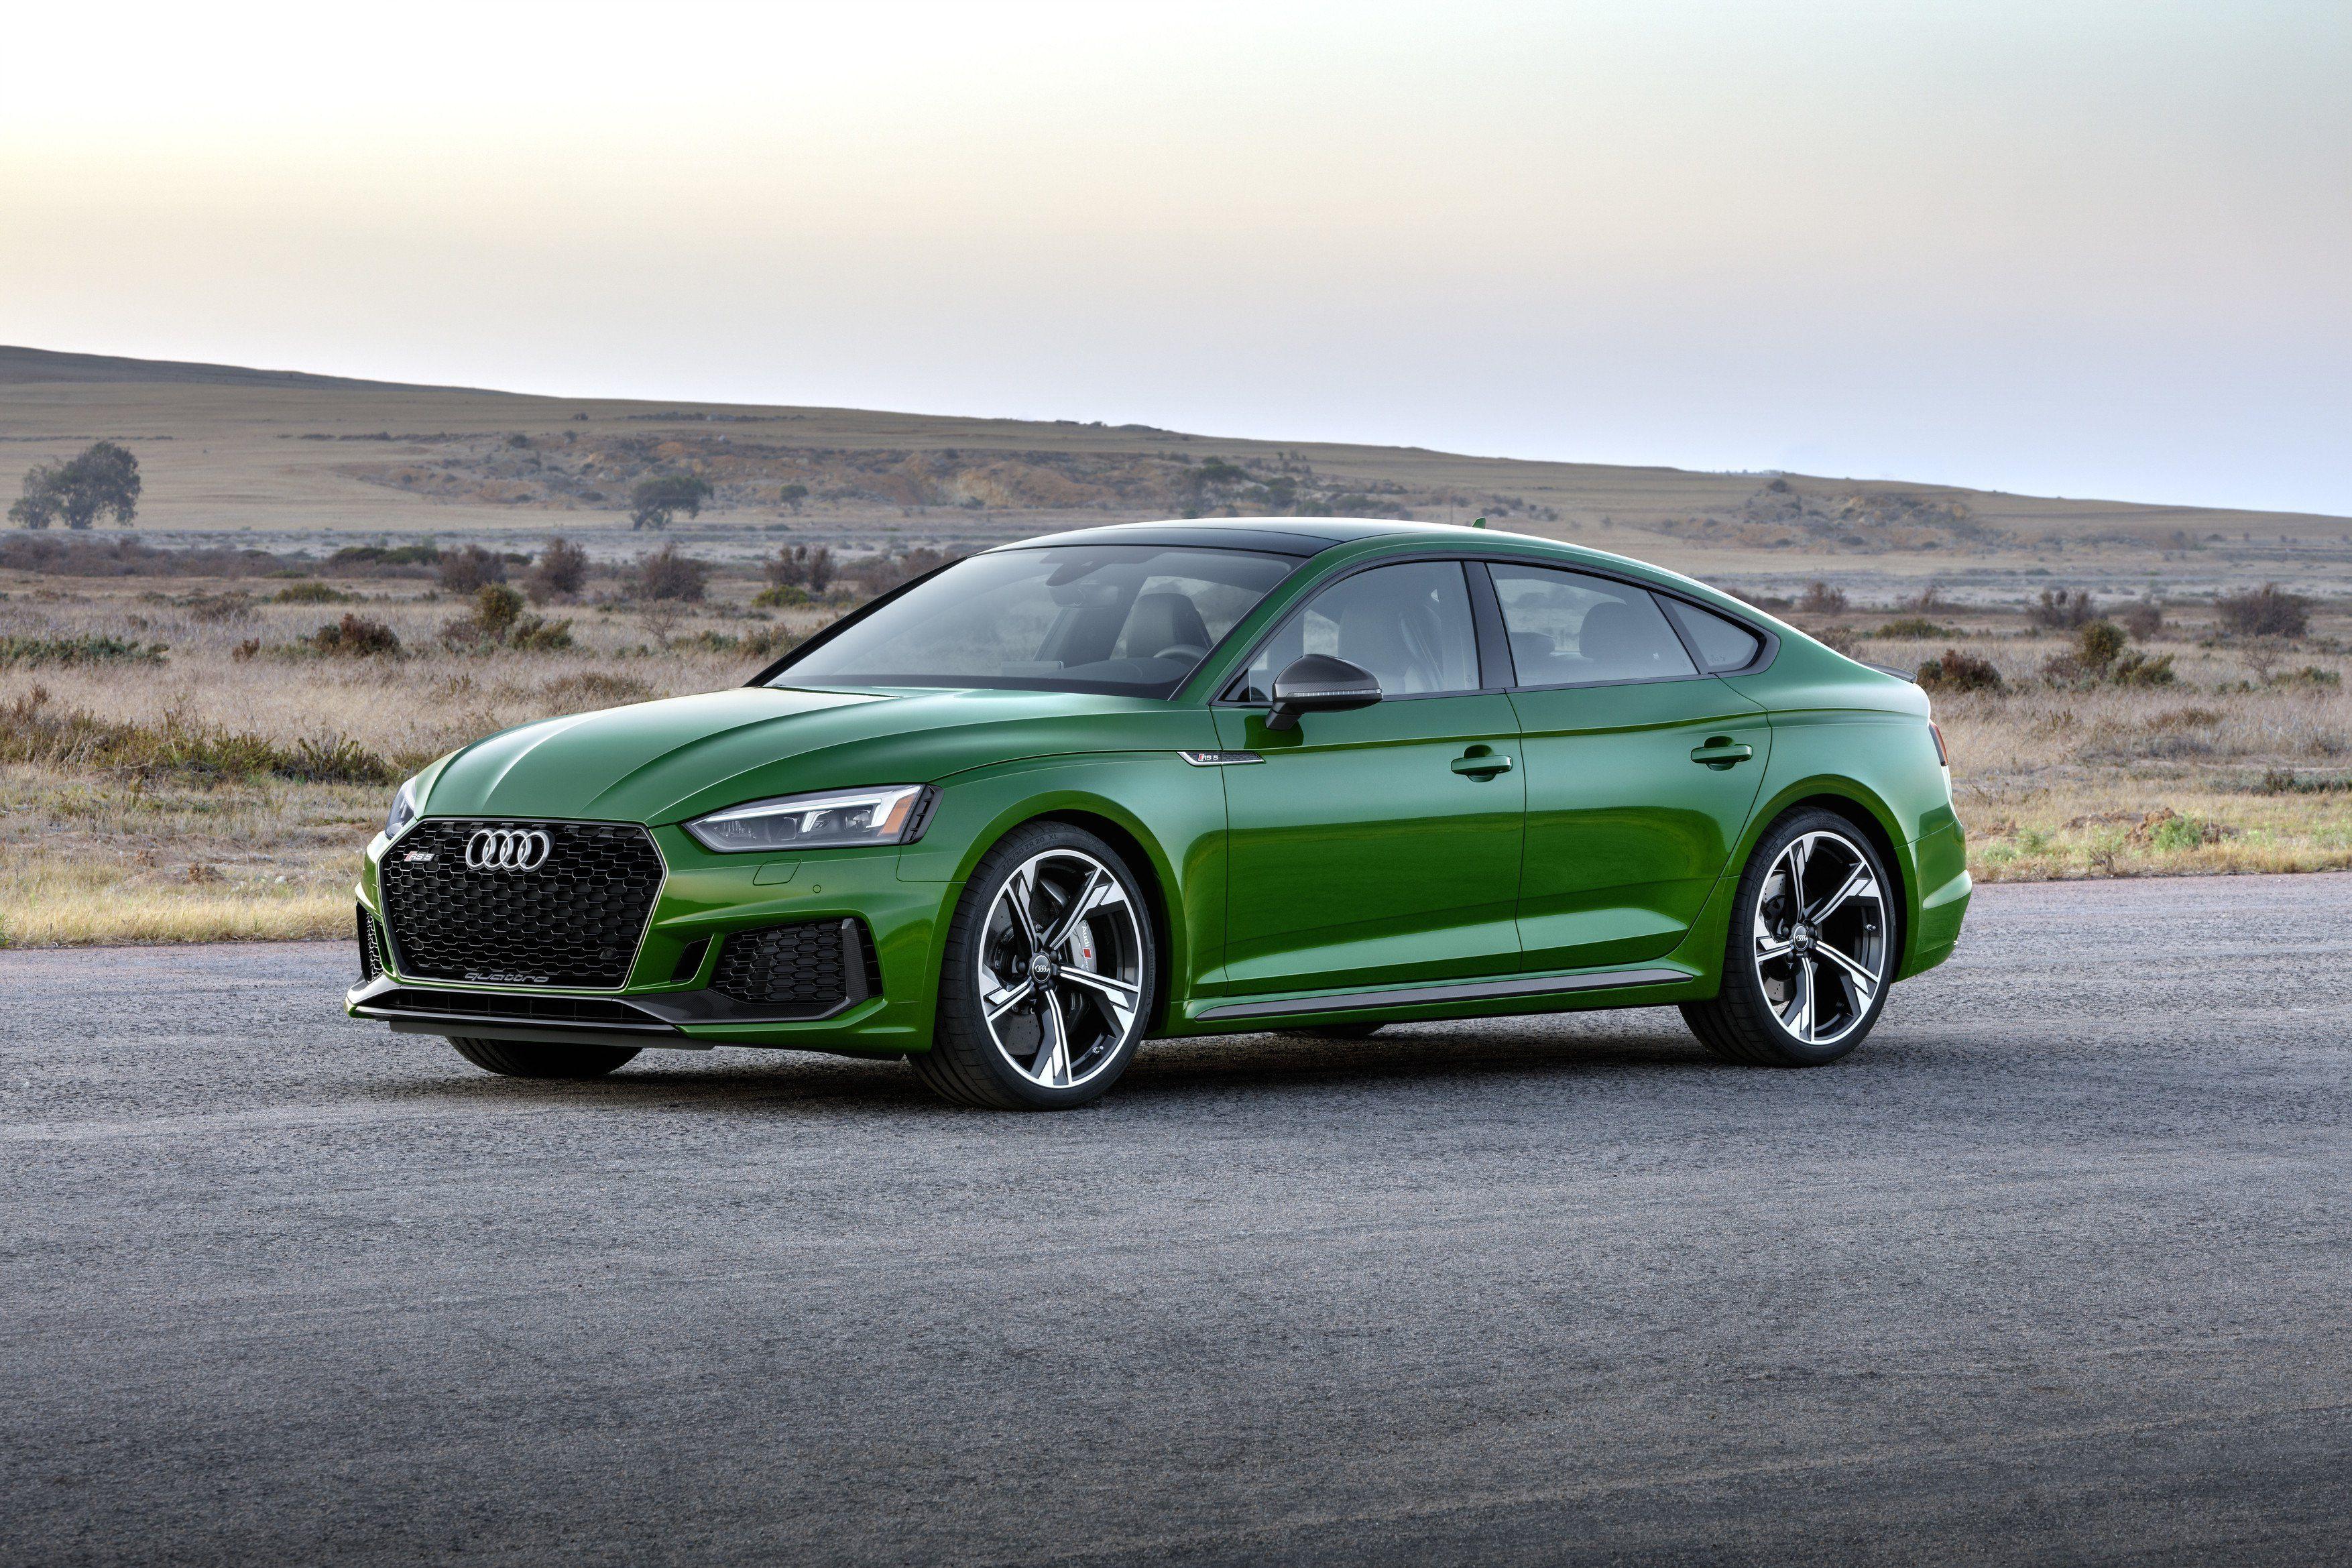 2020 Audi Rs5 Coupe Sport 2020 Audi Rs5 Coupe Sport Audi Rs Audi Rs5 Sportback Audi Rs5